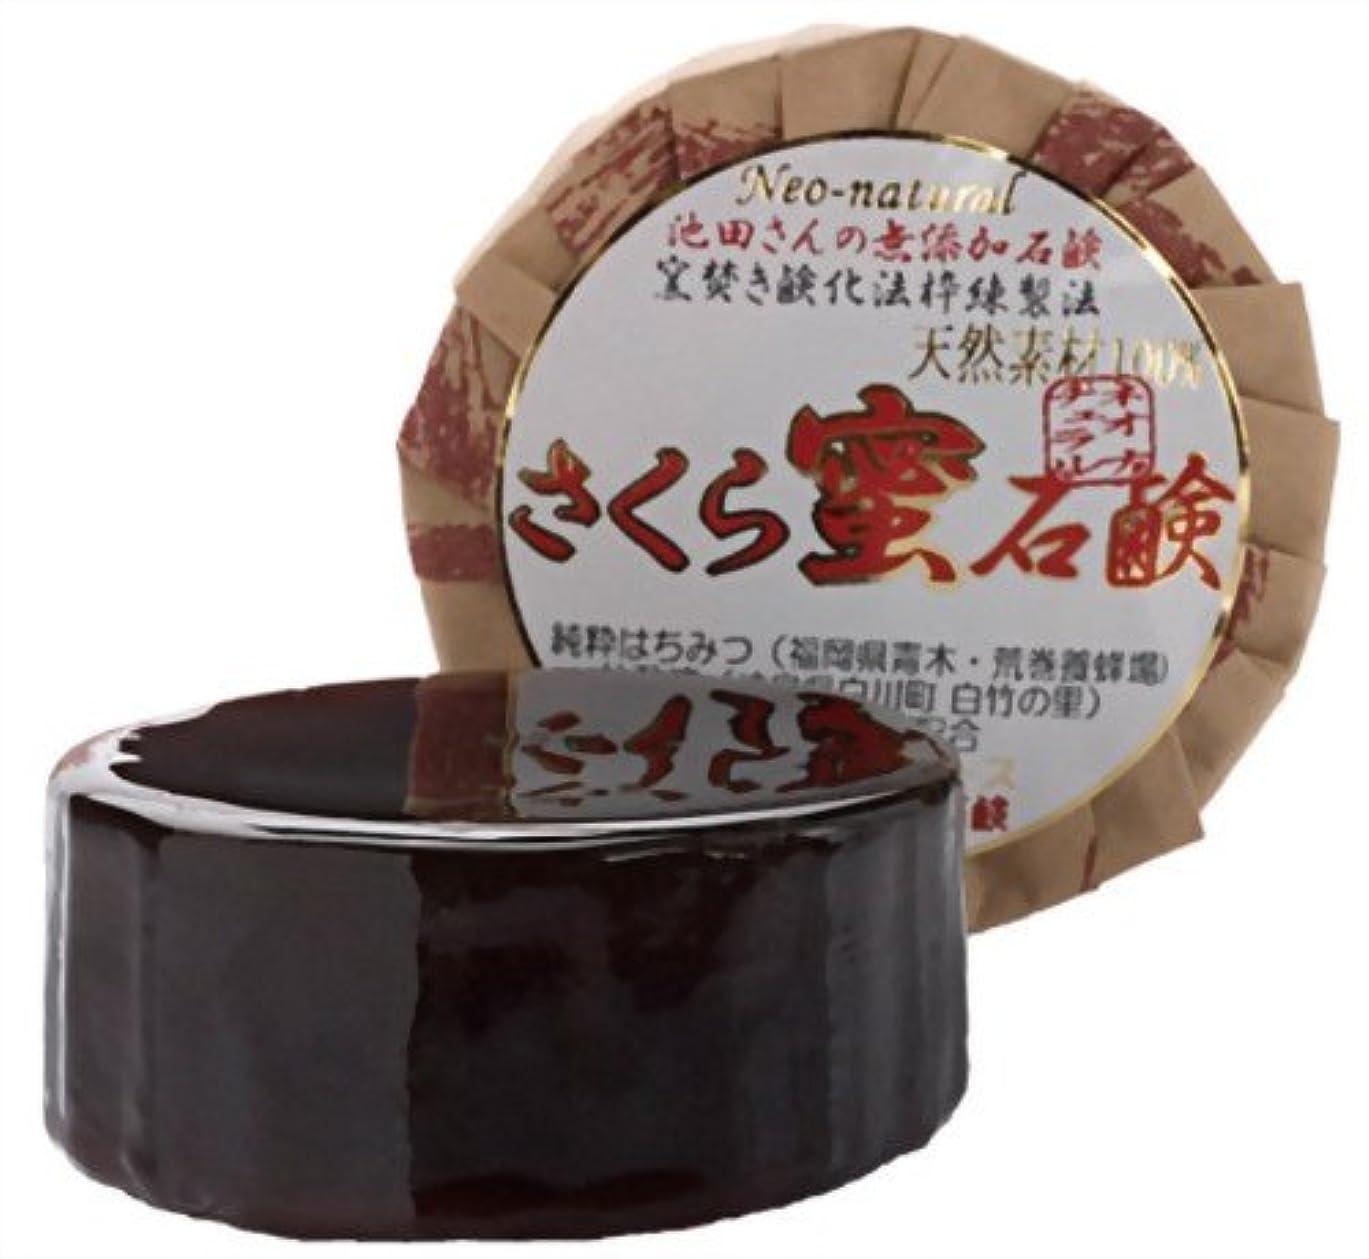 教えて早く広告主ネオナチュラル 池田さんのさくら蜜石鹸 105g